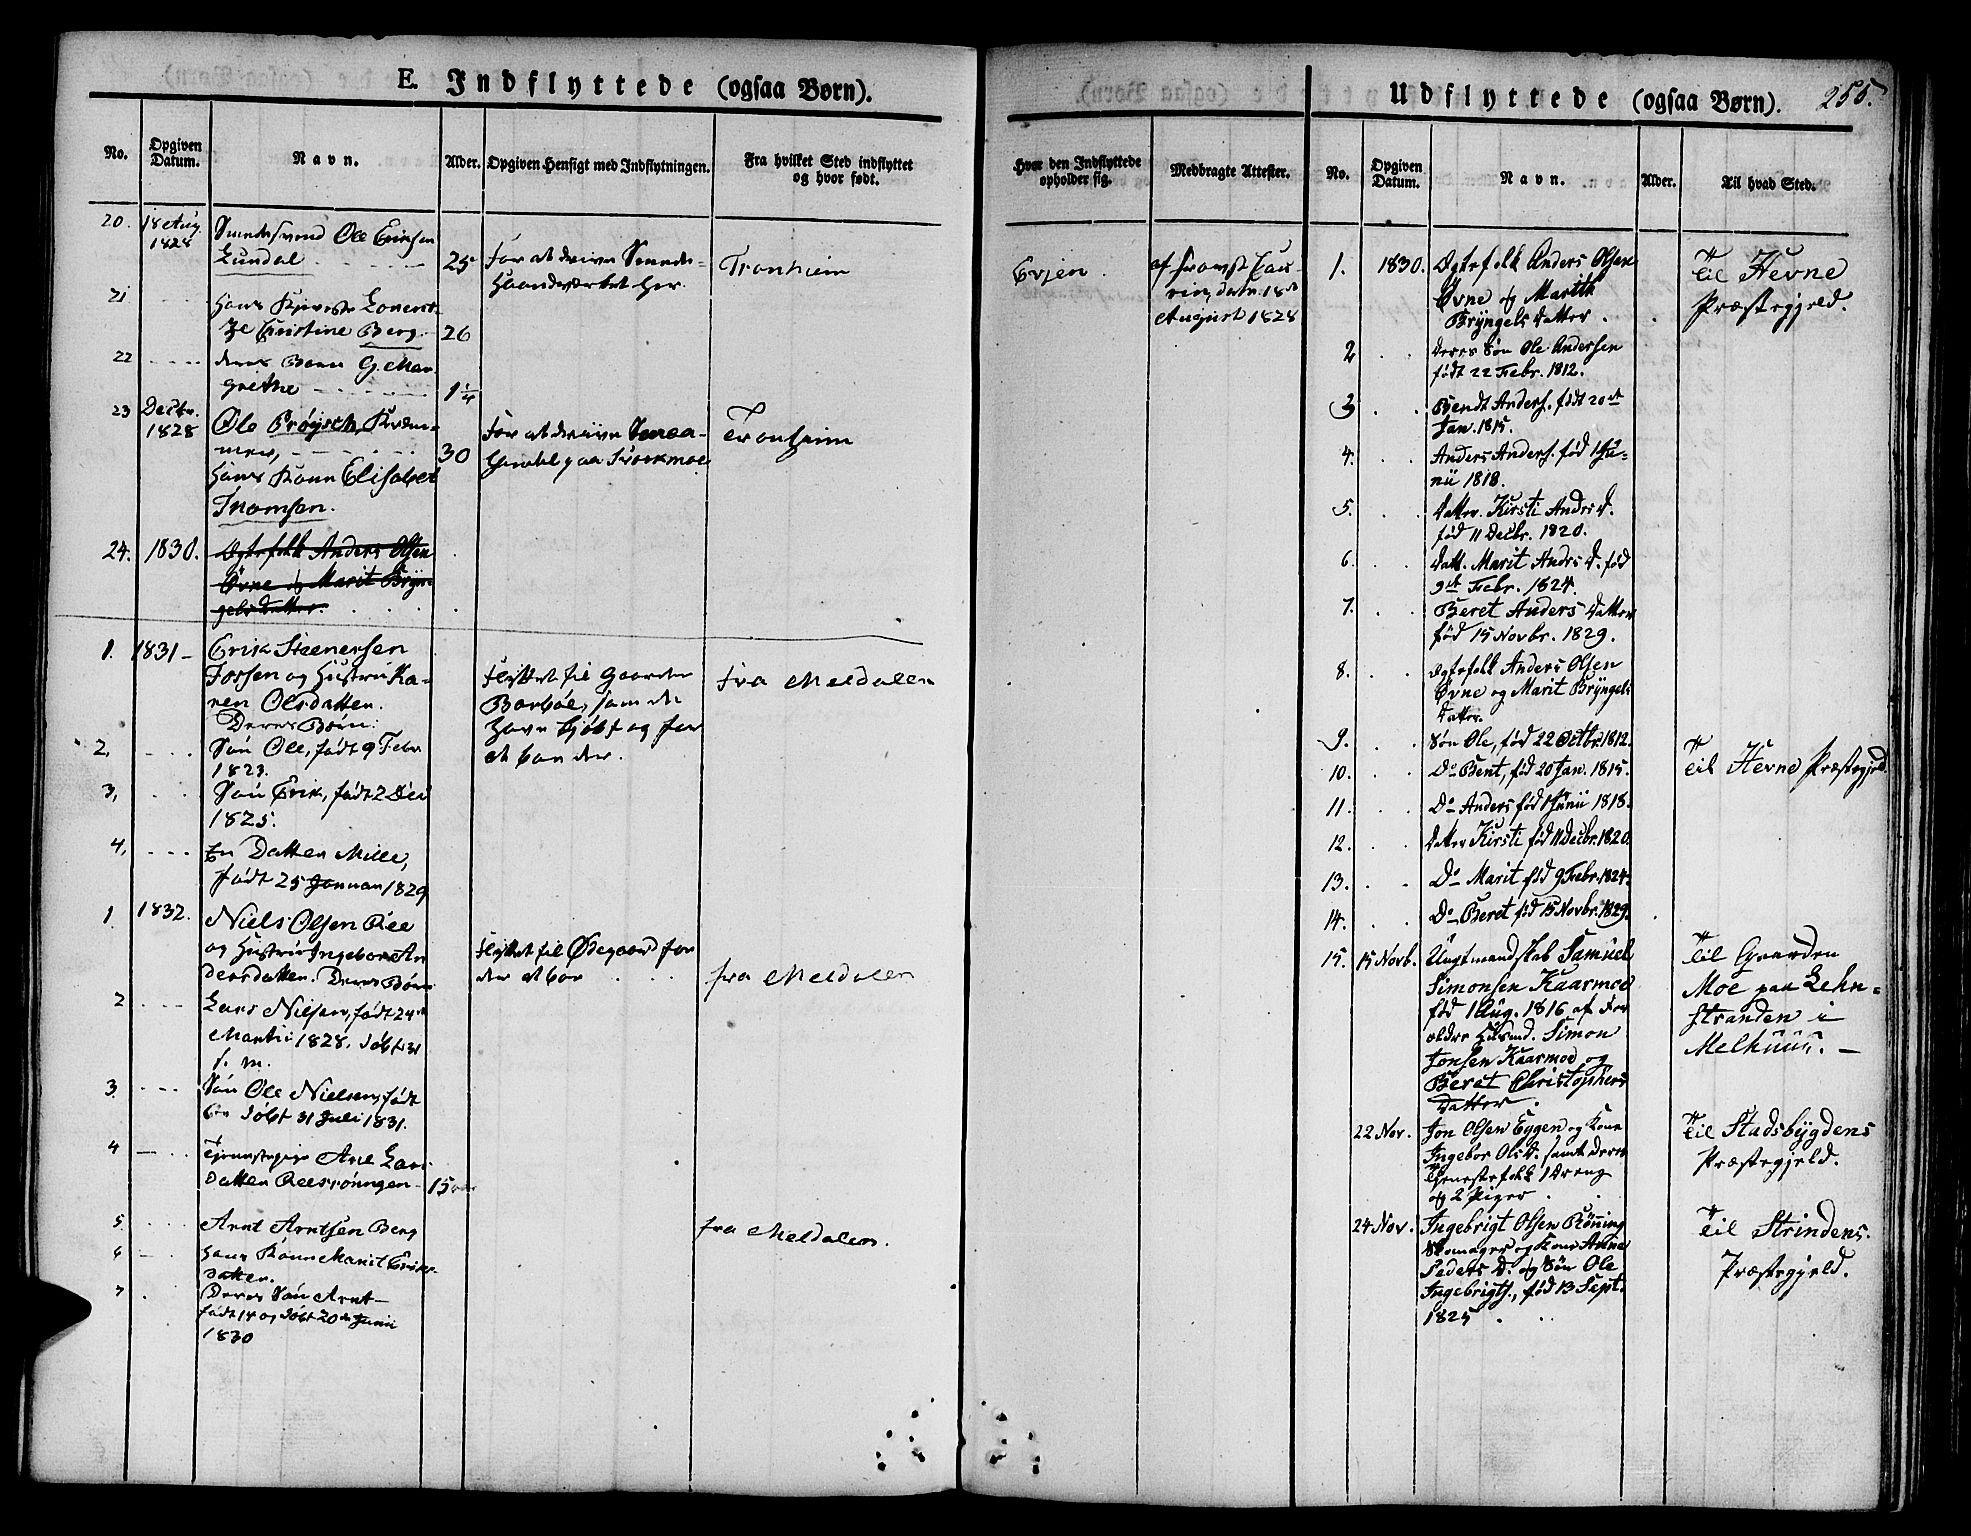 SAT, Ministerialprotokoller, klokkerbøker og fødselsregistre - Sør-Trøndelag, 668/L0804: Ministerialbok nr. 668A04, 1826-1839, s. 255